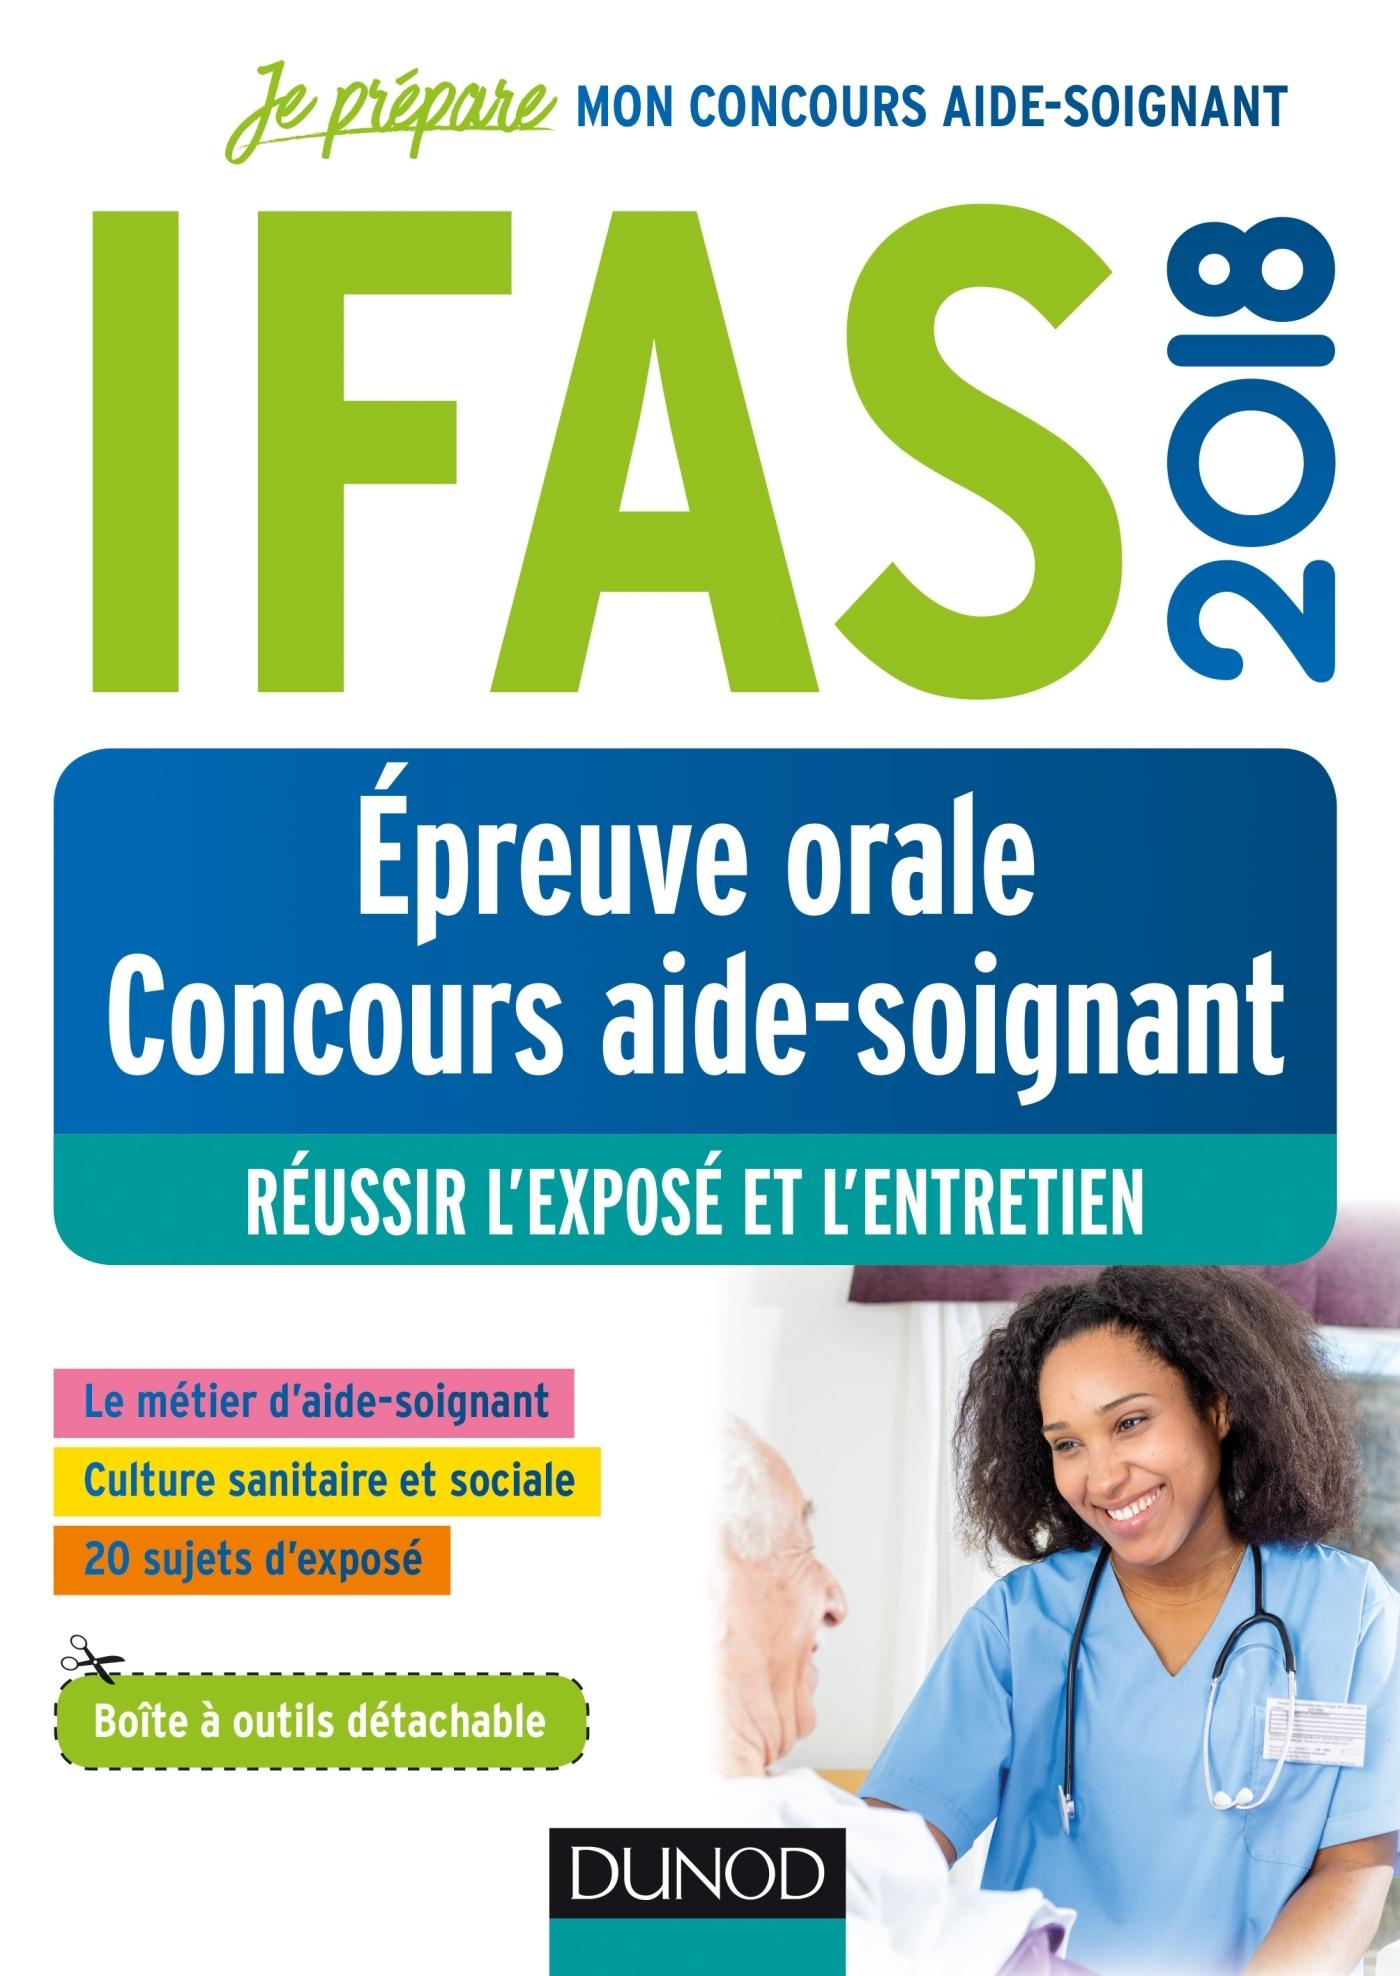 IFAS 2018 - EPREUVE ORALE CONCOURS AIDE-SOIGNANT - REUSSIR L'EXPOSE ET L'ENTRETIEN